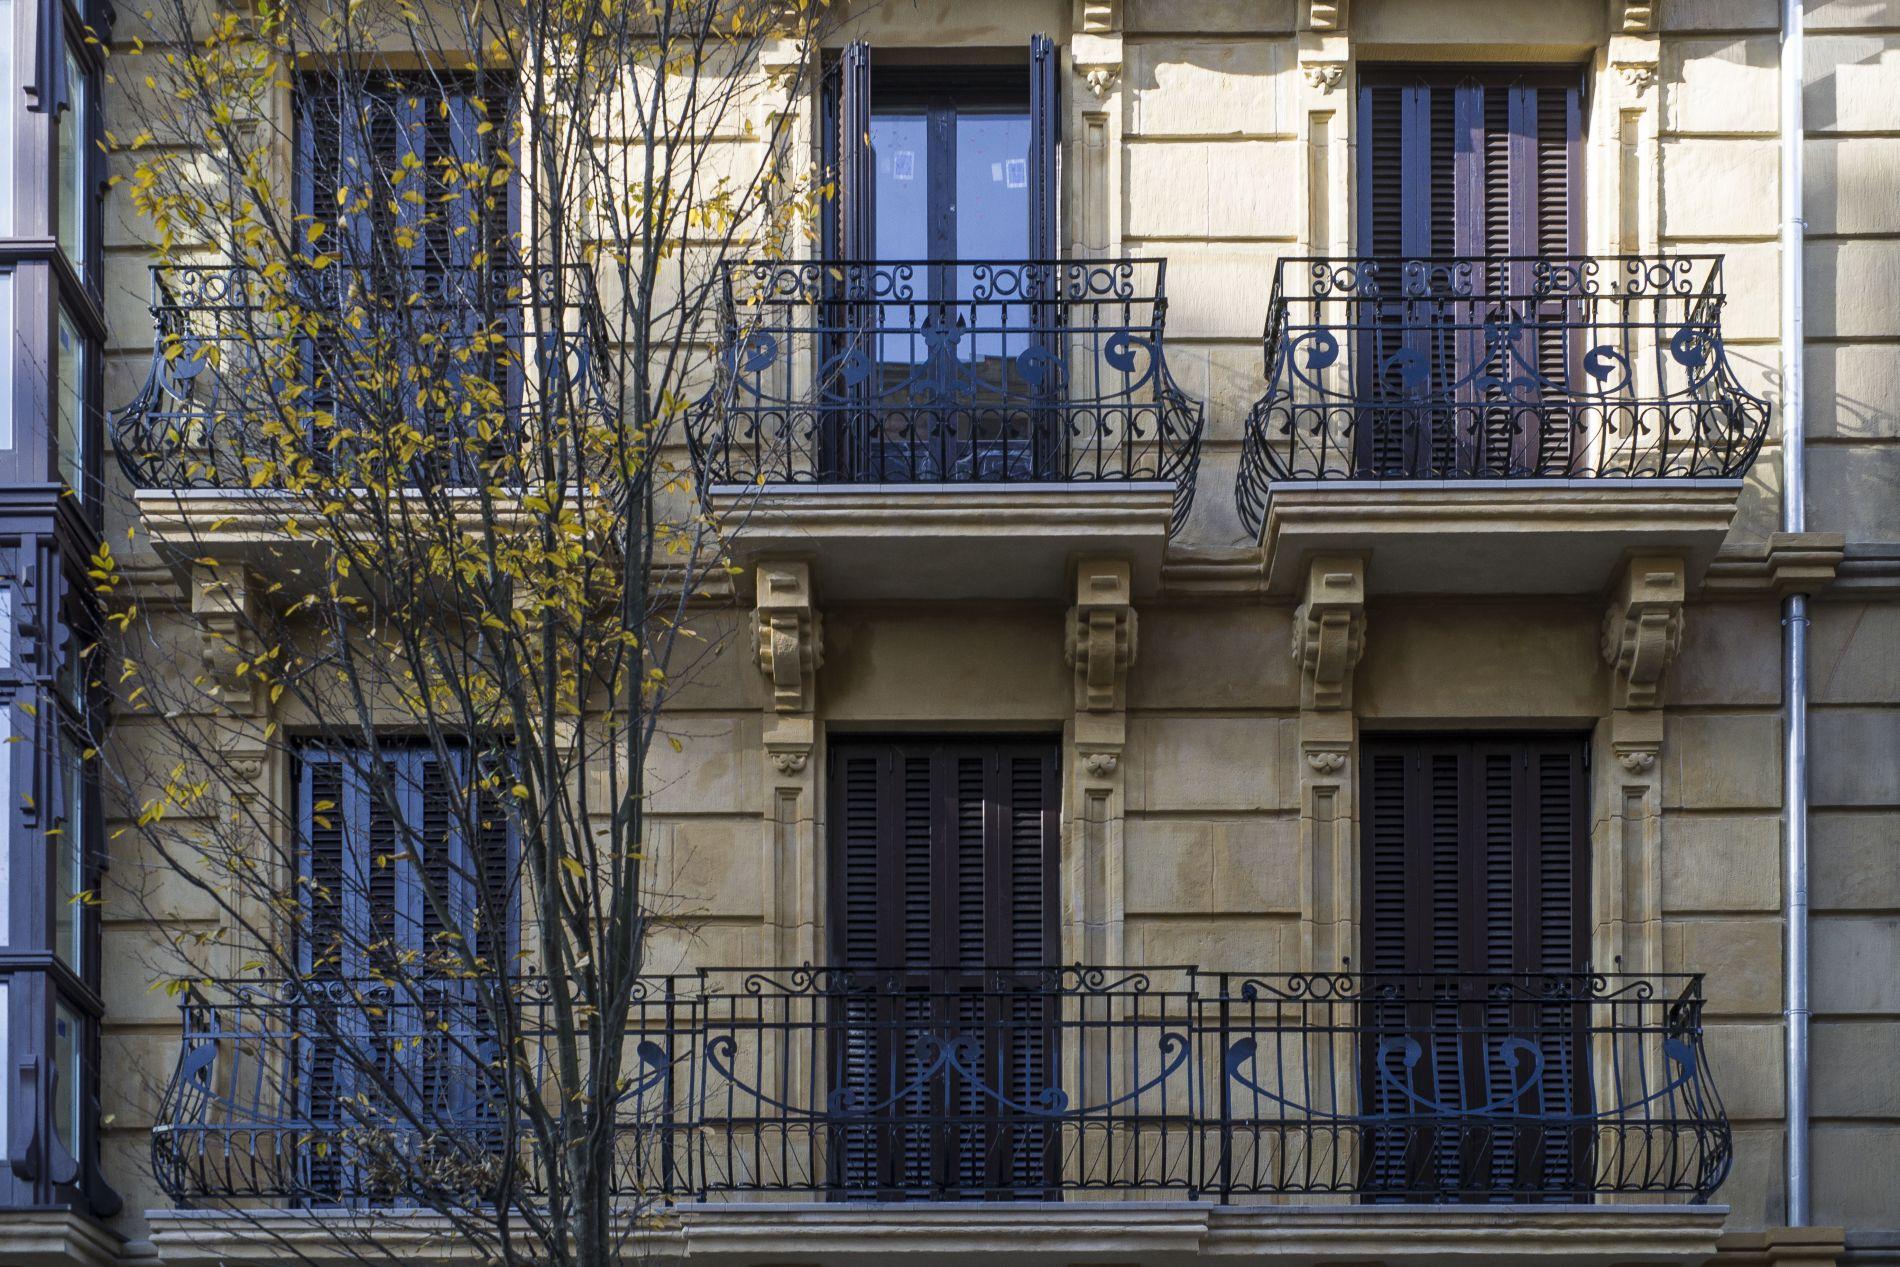 Fiark - 11 Viviendas en Calle Prim 26 2